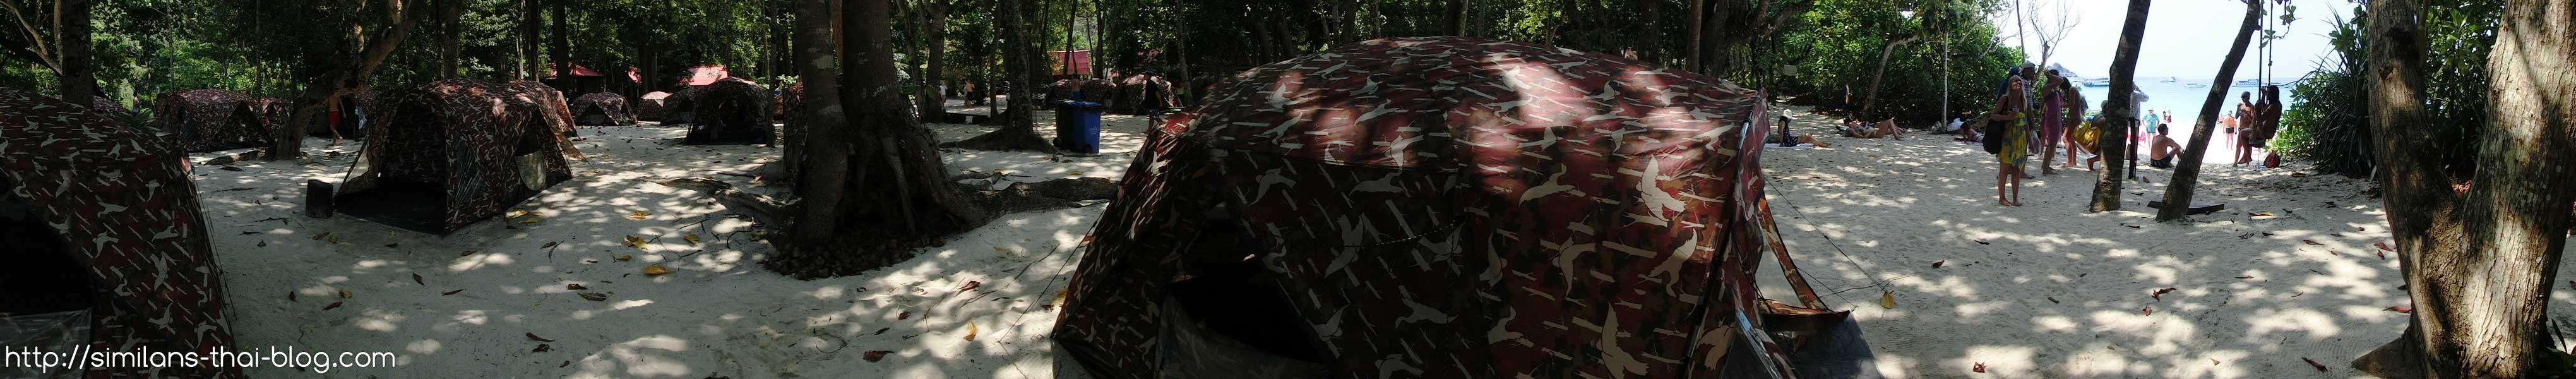 camping-ko-miang